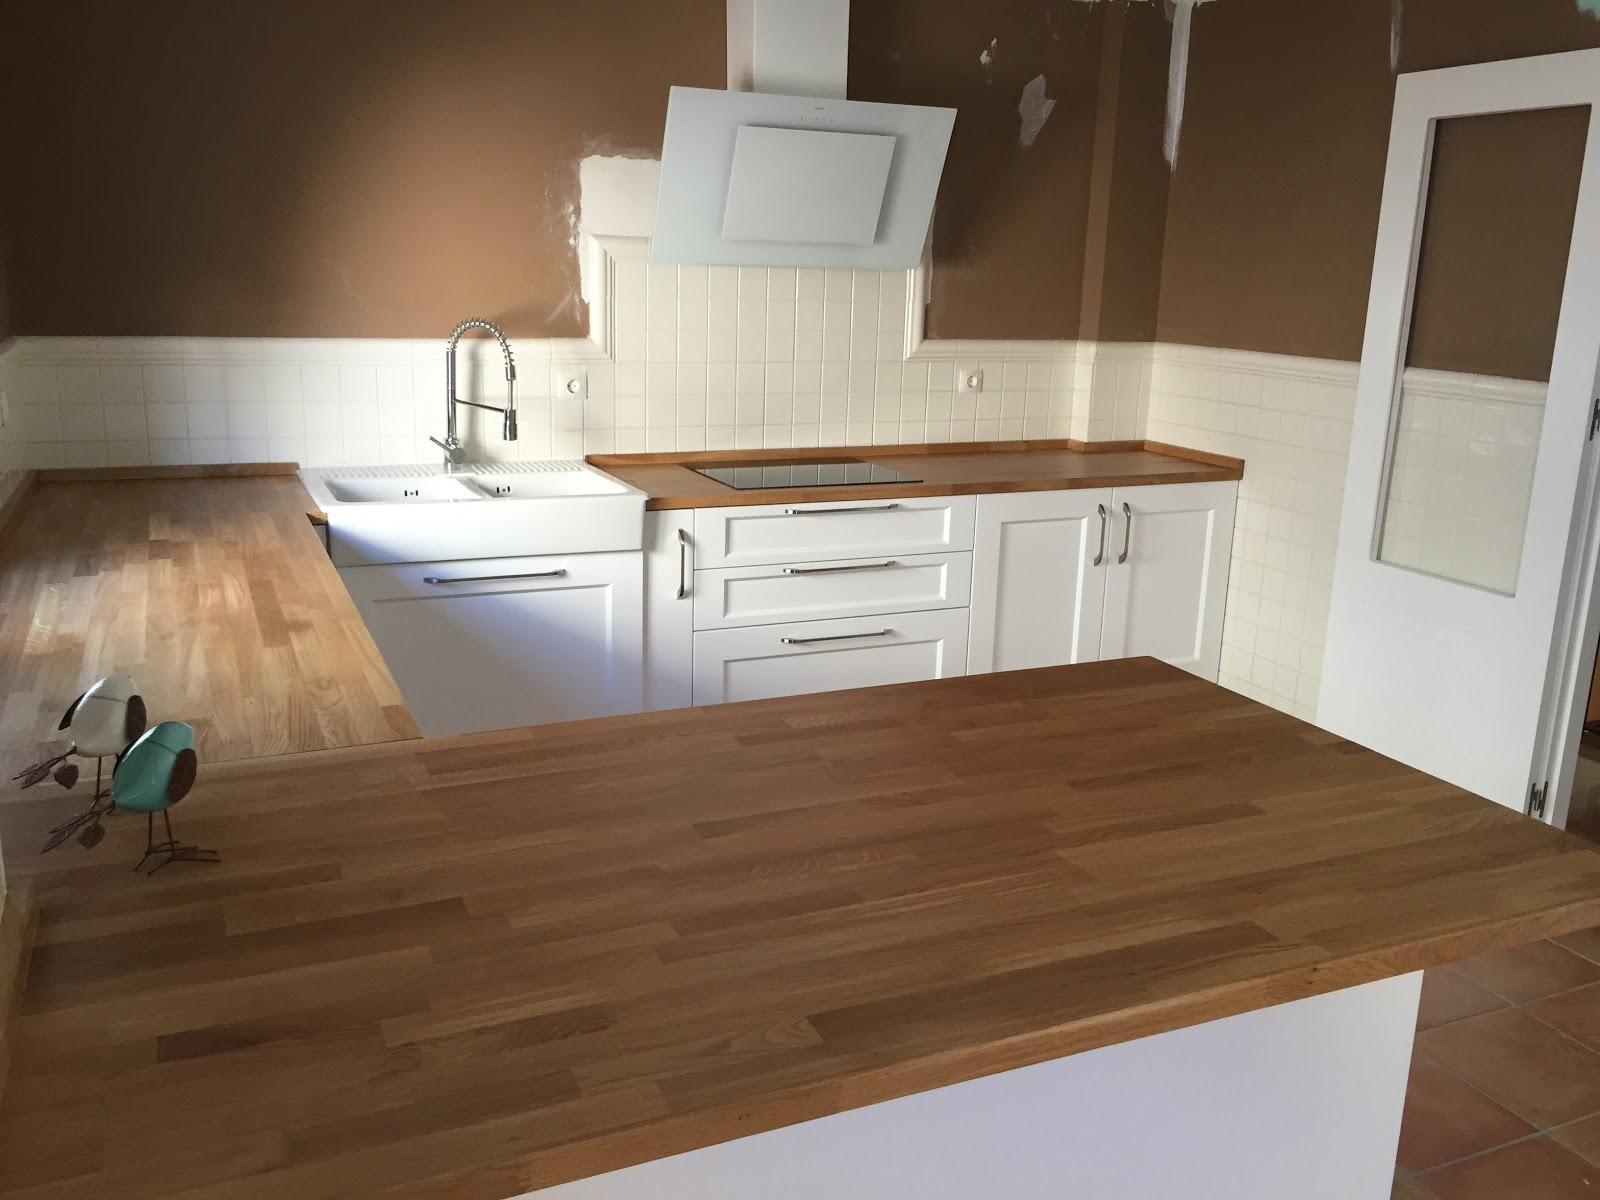 Carpinter a el arco utrera sevilla cocina de dise o for Encimeras de cocina de madera maciza